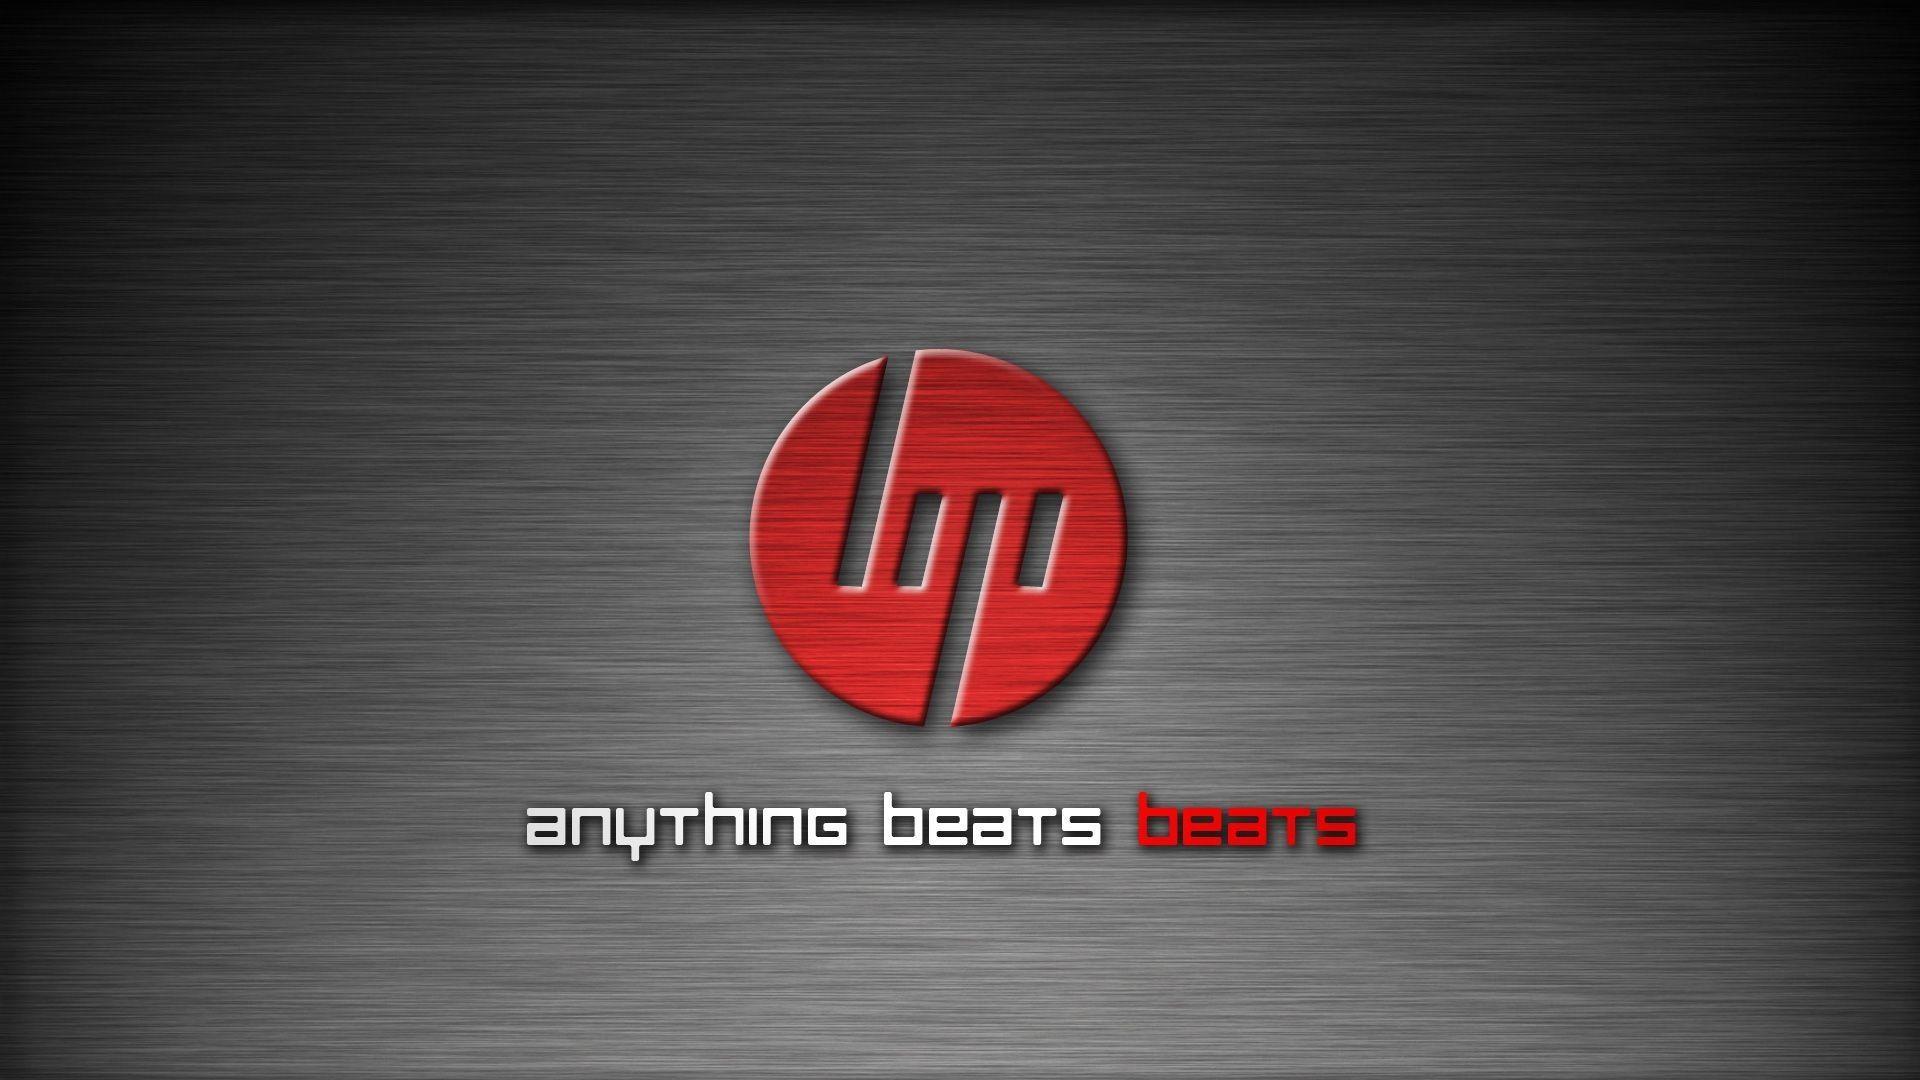 HD Beats Wallpaper 74 Images